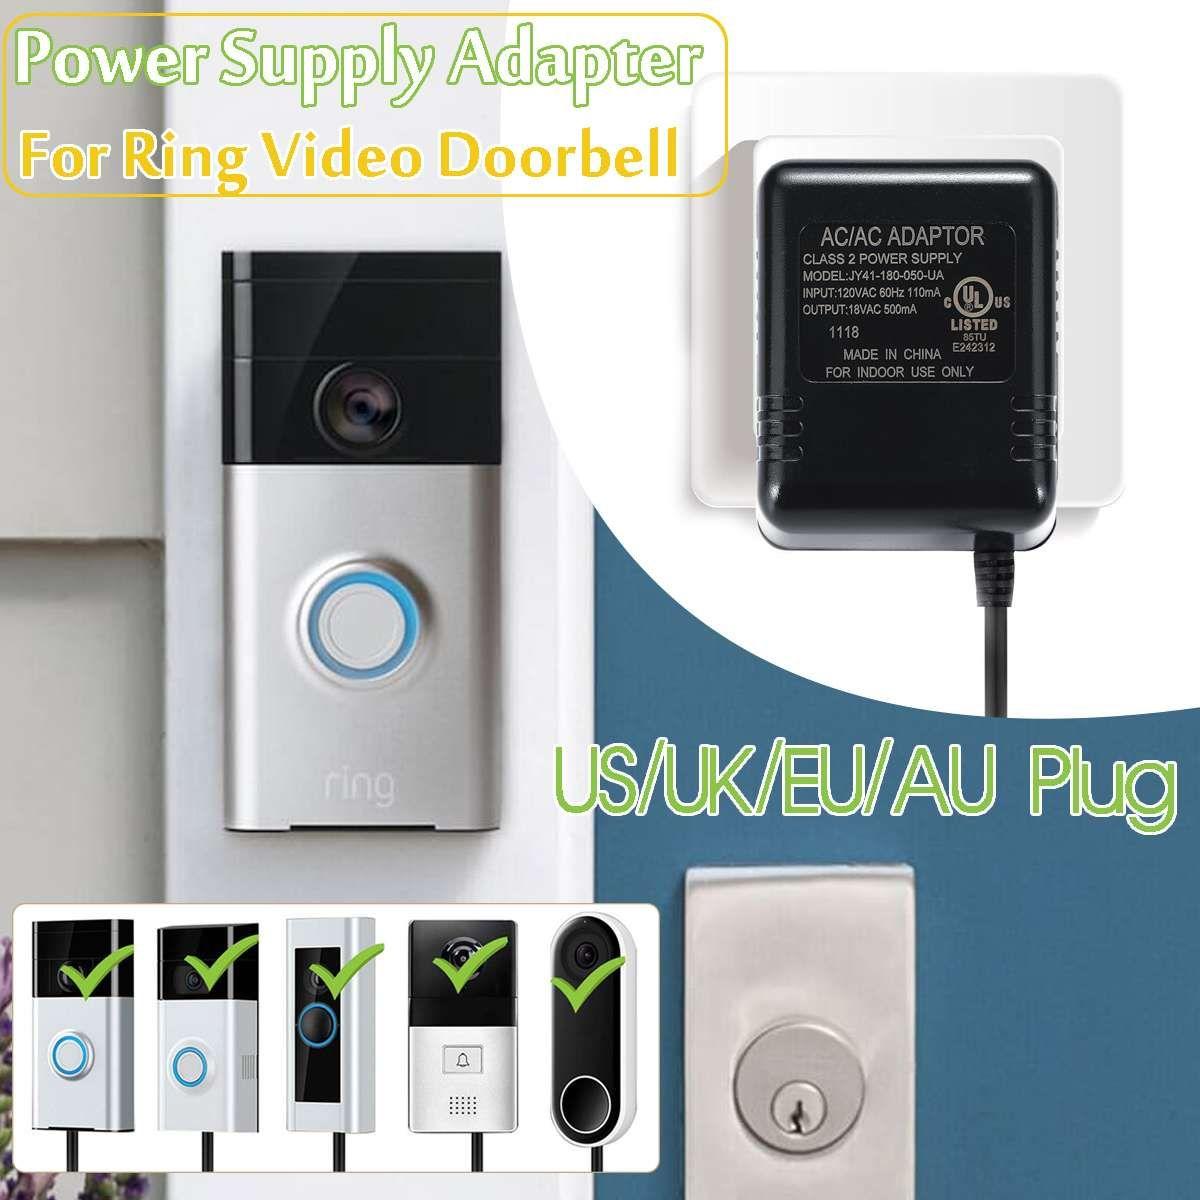 Us Uk Eu Au 8m Wifi Doorbell Camera Power Adapter For Ip Video Intercom Ring Wireless Doorbell 110v 240v Ac 18v Transformer